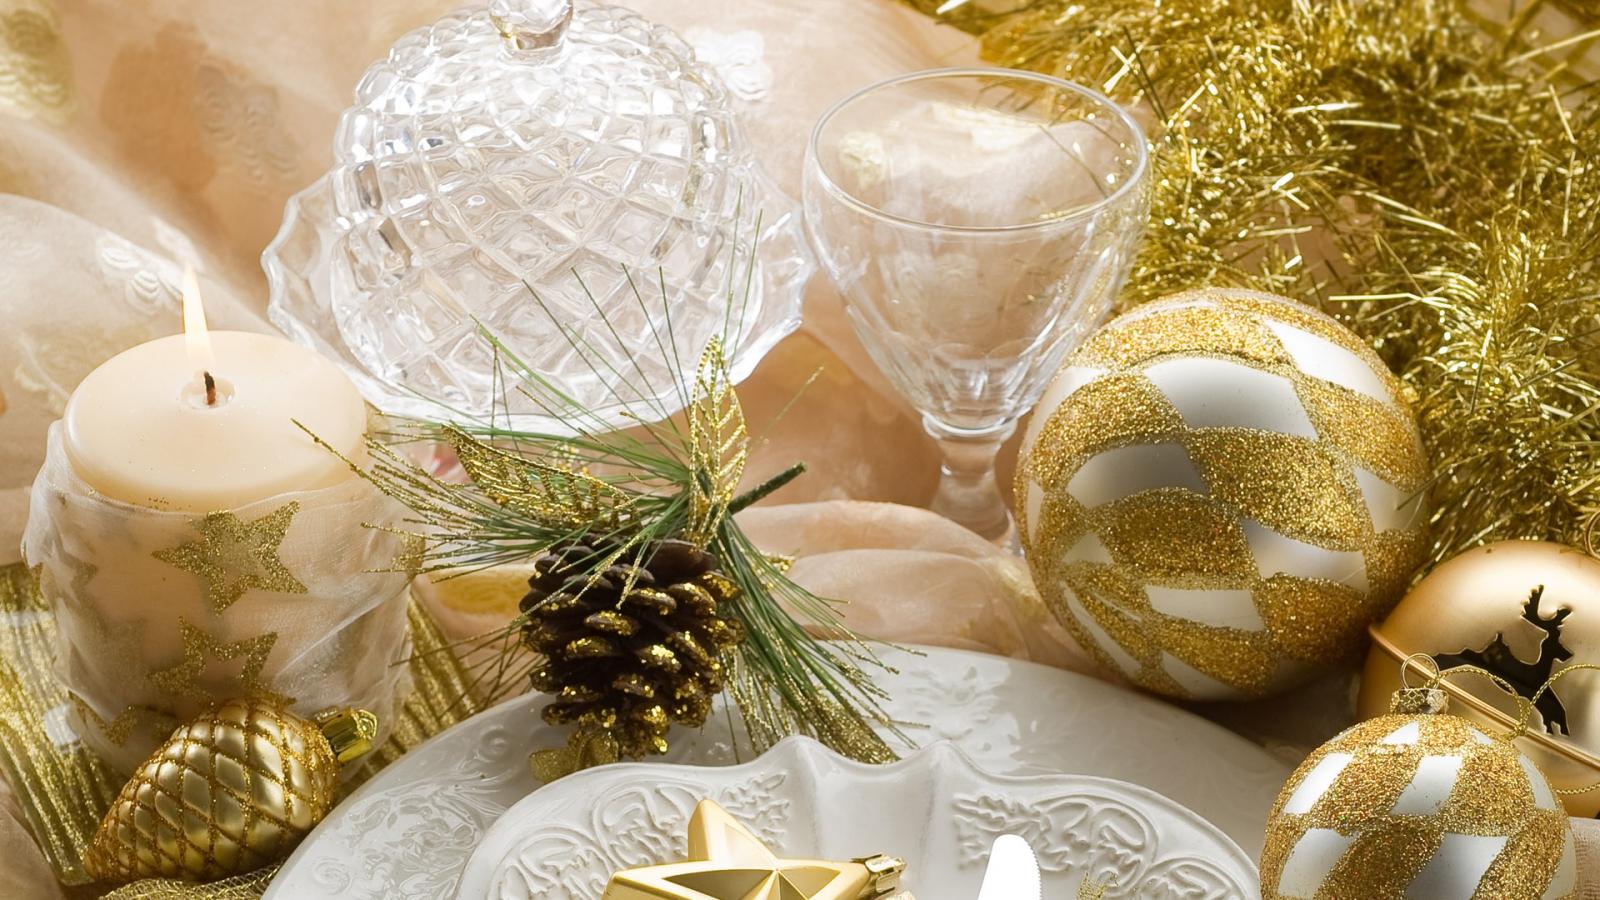 Decoración para navidad - 1600x900